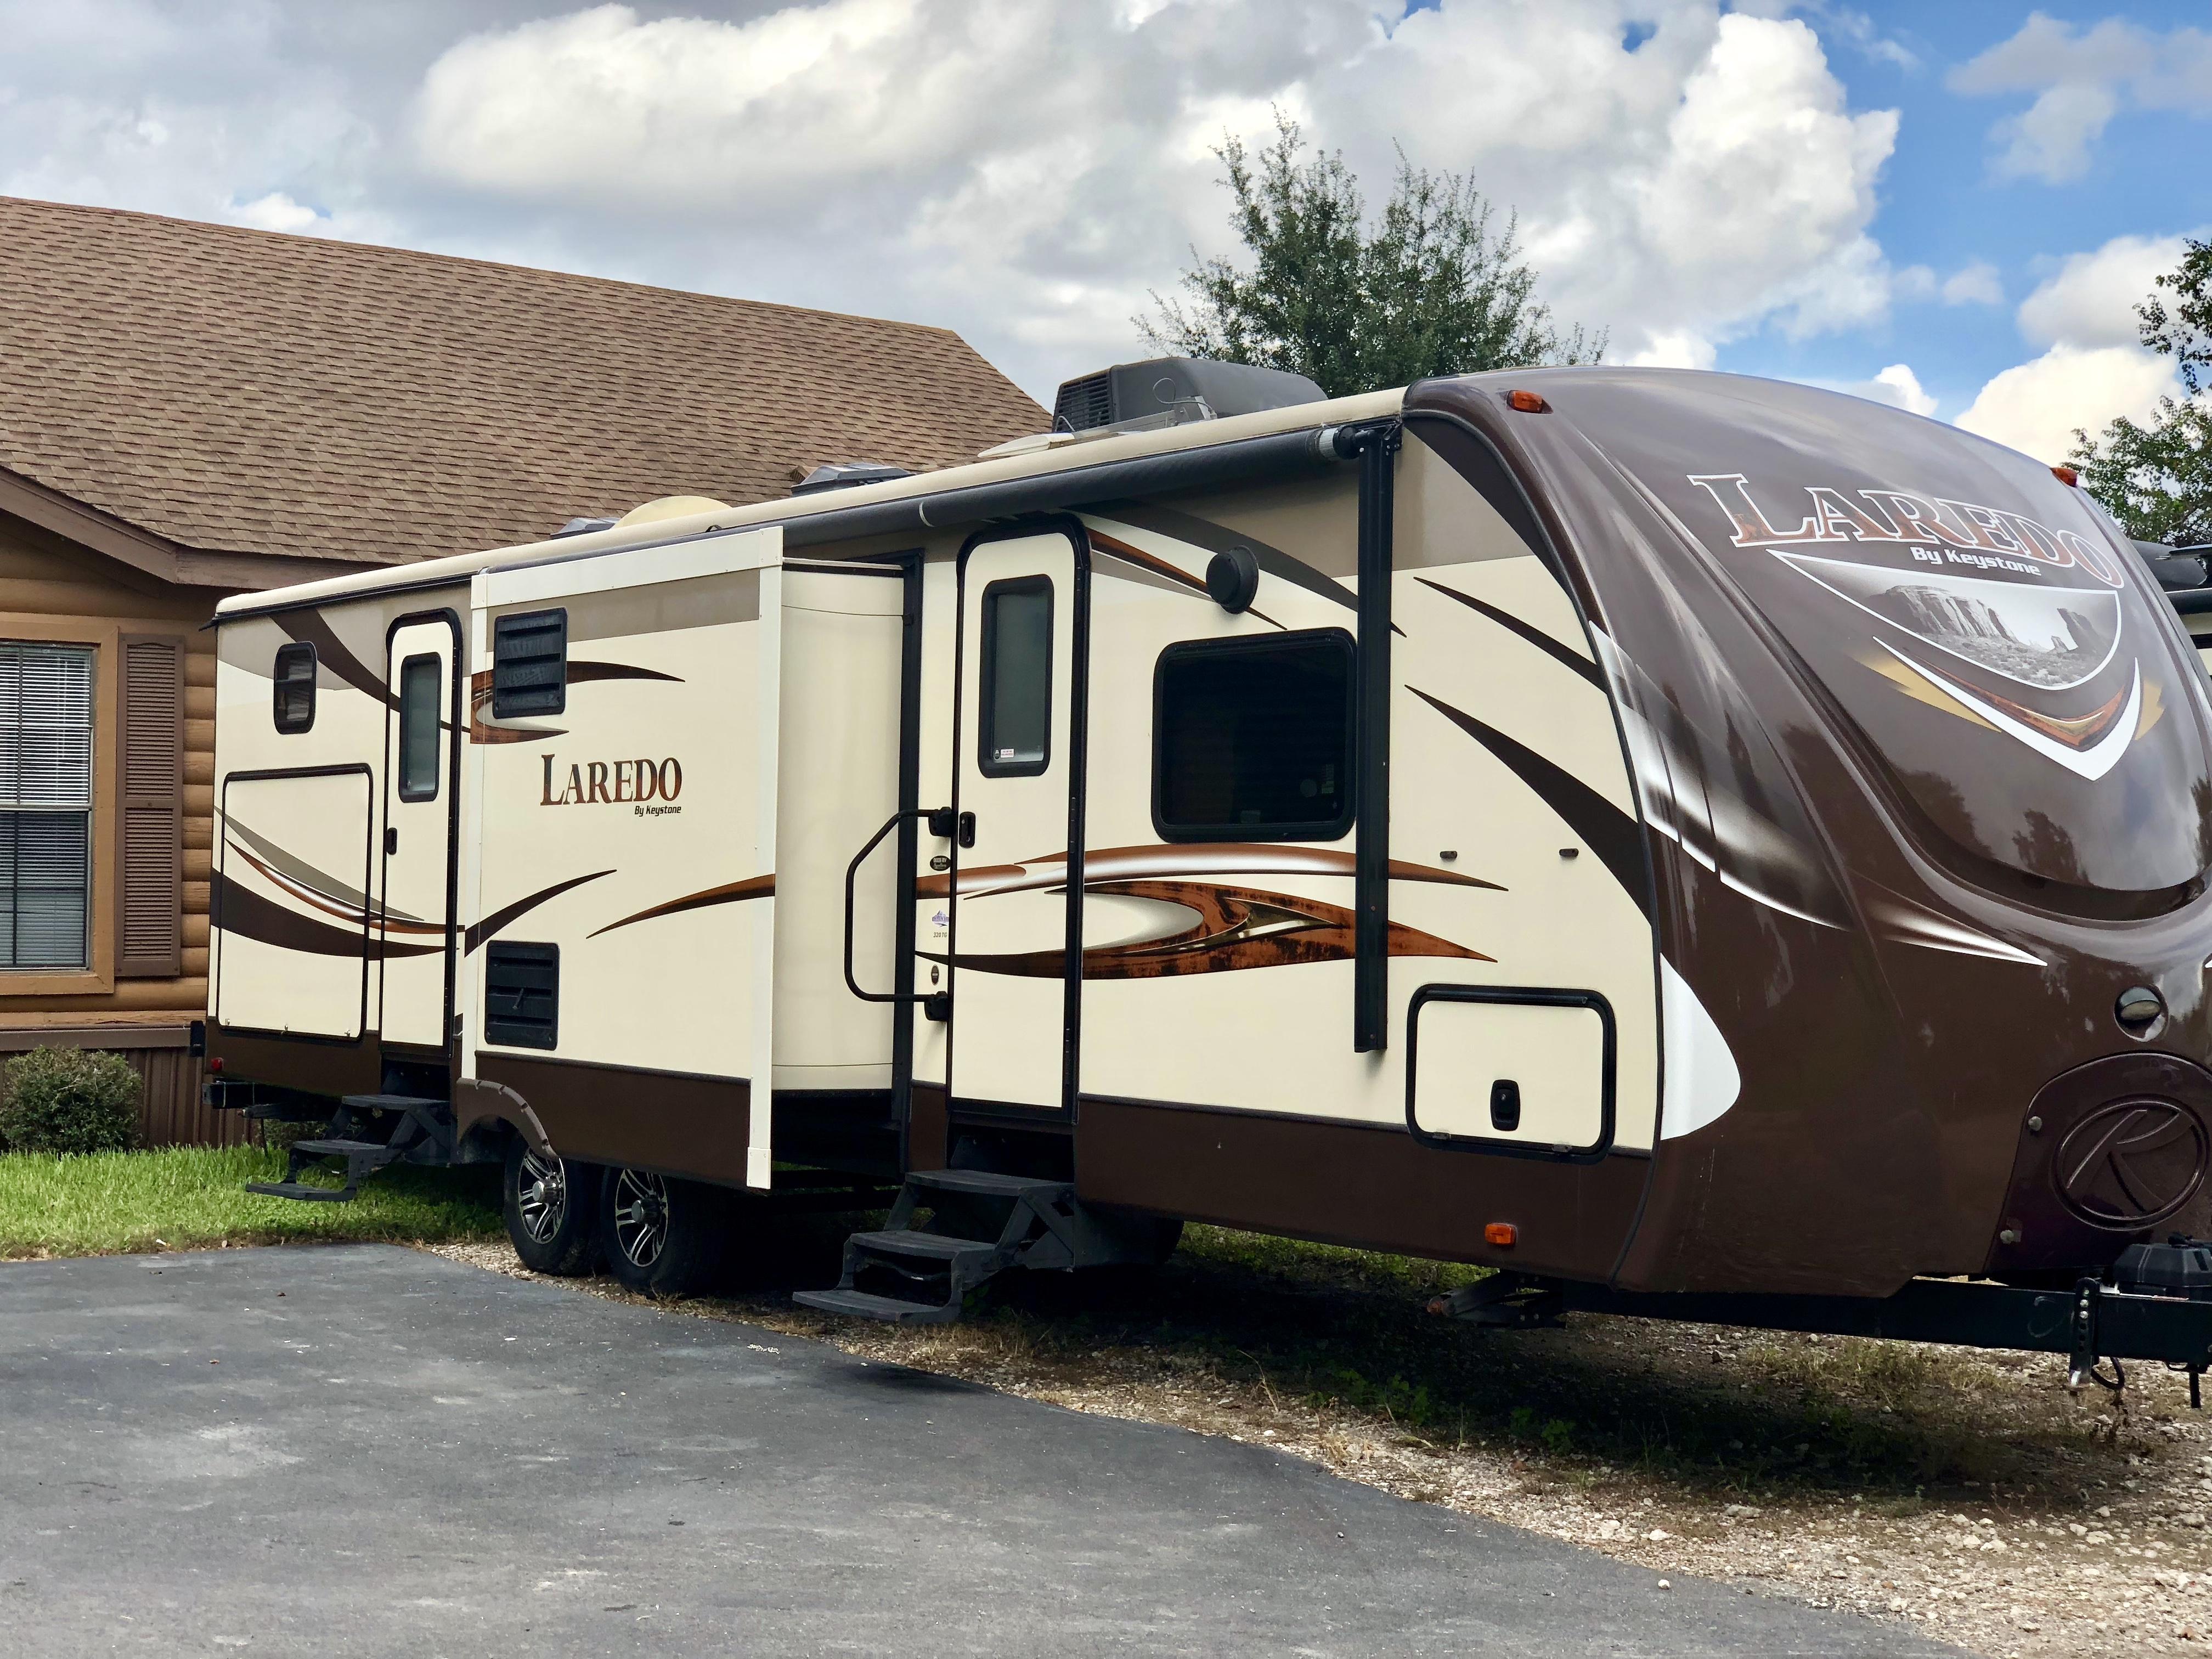 2014  Keystone Laredo  M320TG  TRAVEL  TRAILER  Camper